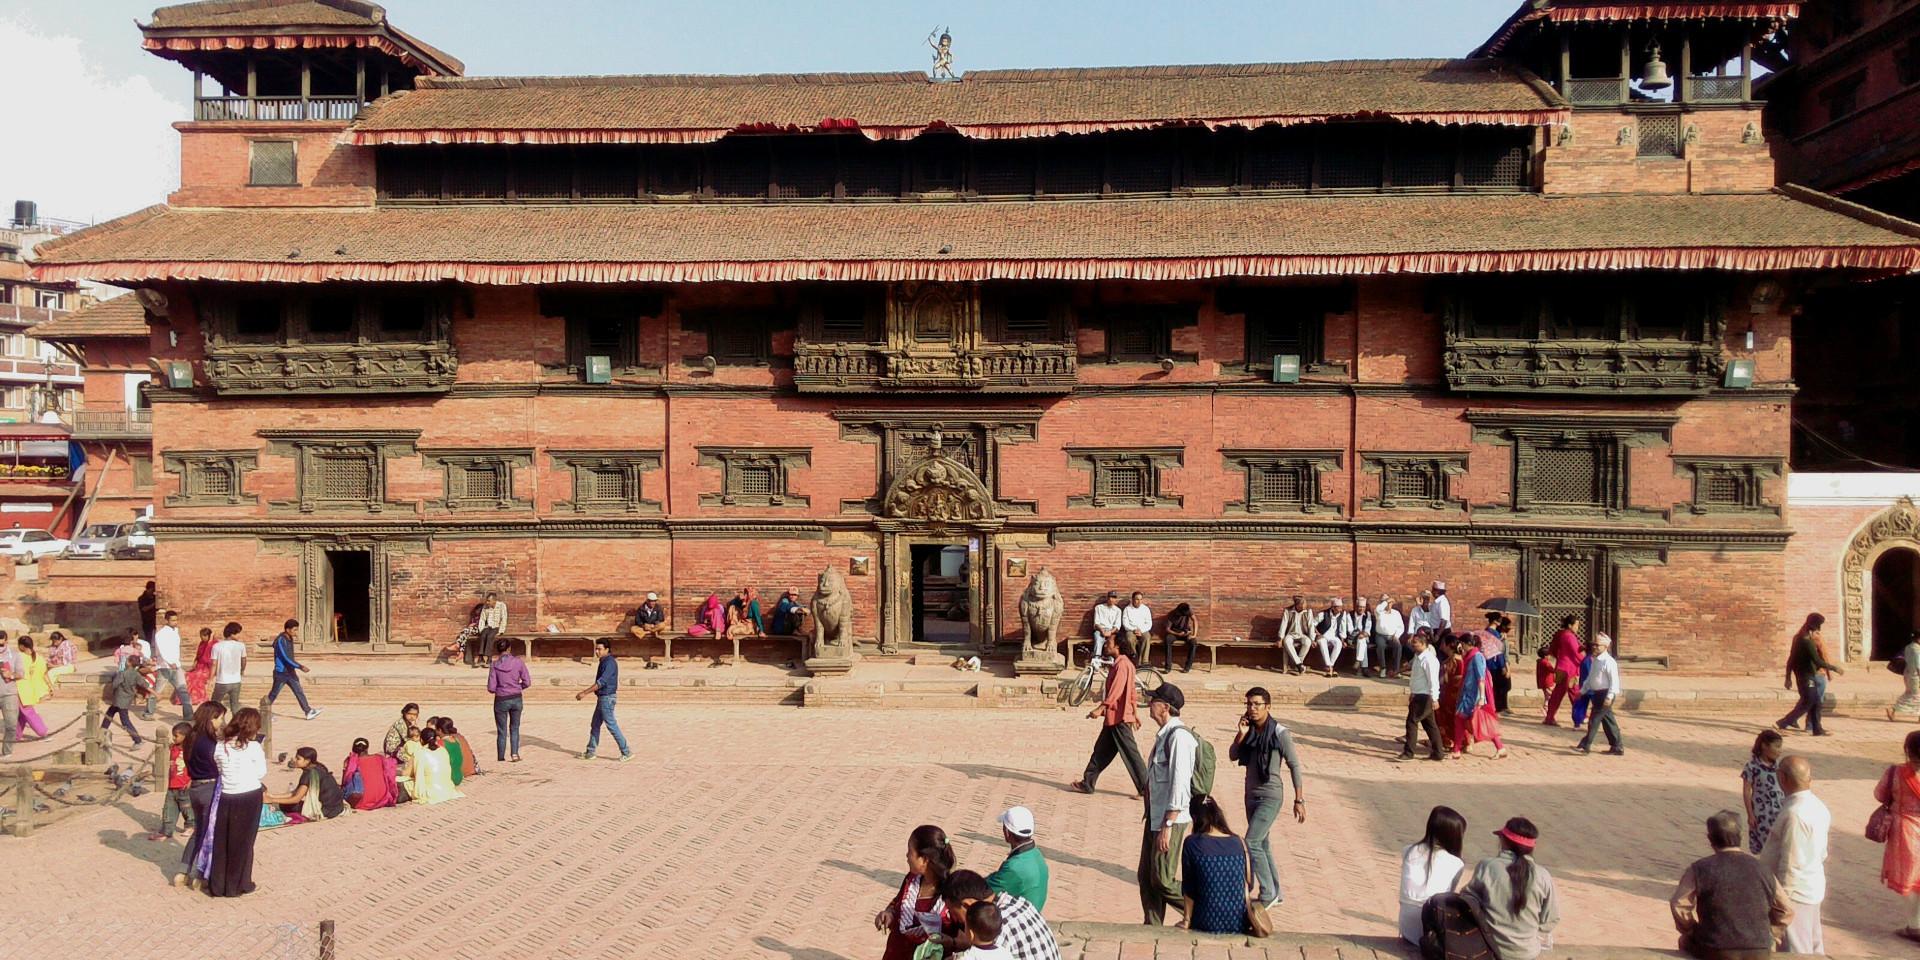 Patan Durbar (Royal Palace).